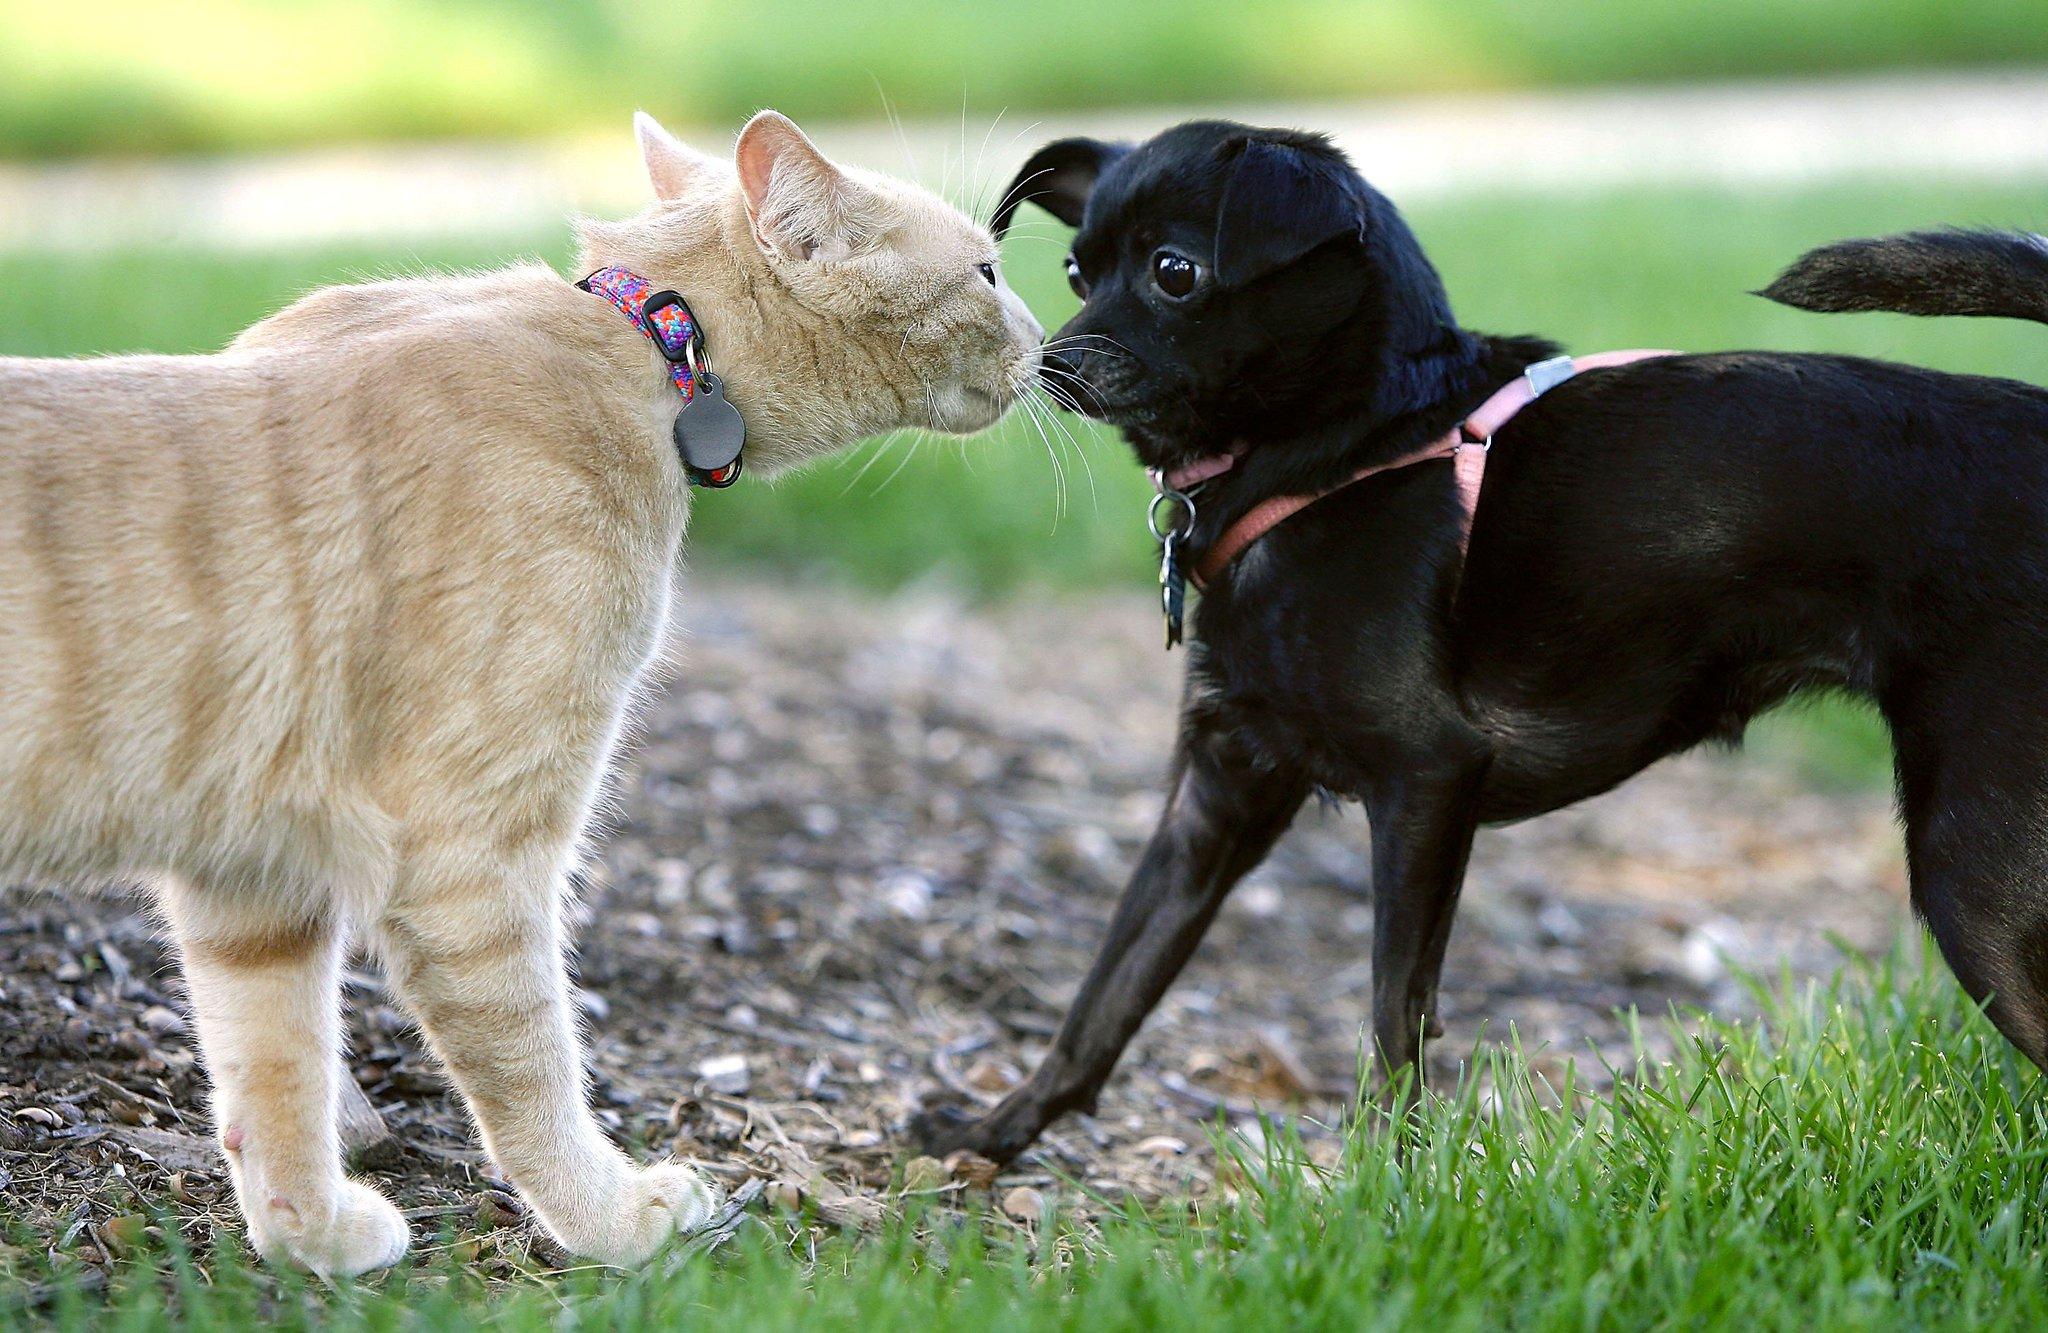 героиня собаки лучше чем кошки картинки слышала, всех